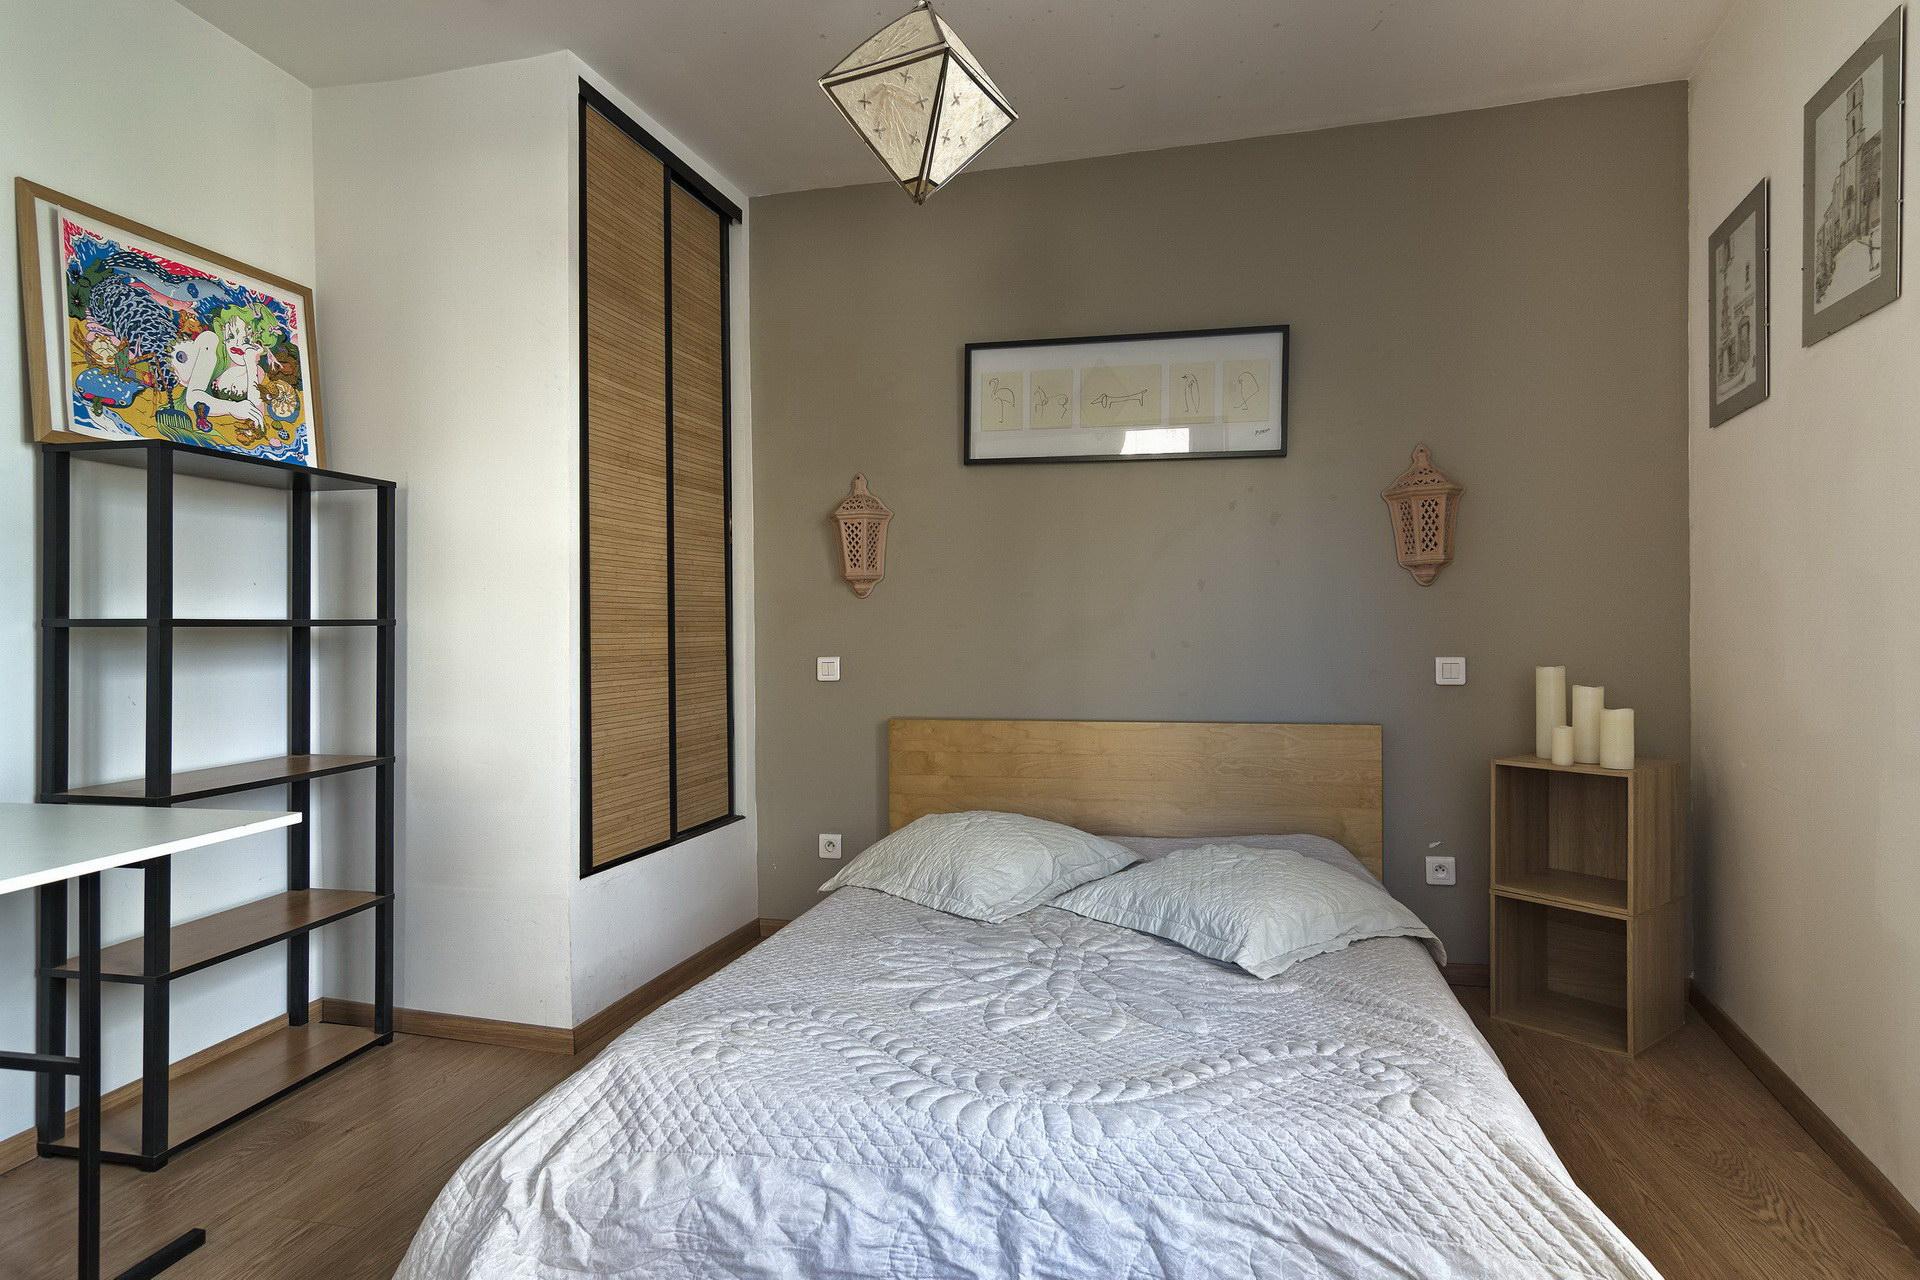 appartement de charme en location à Forcalquier 2 personnes chambre dédiée avec rangement